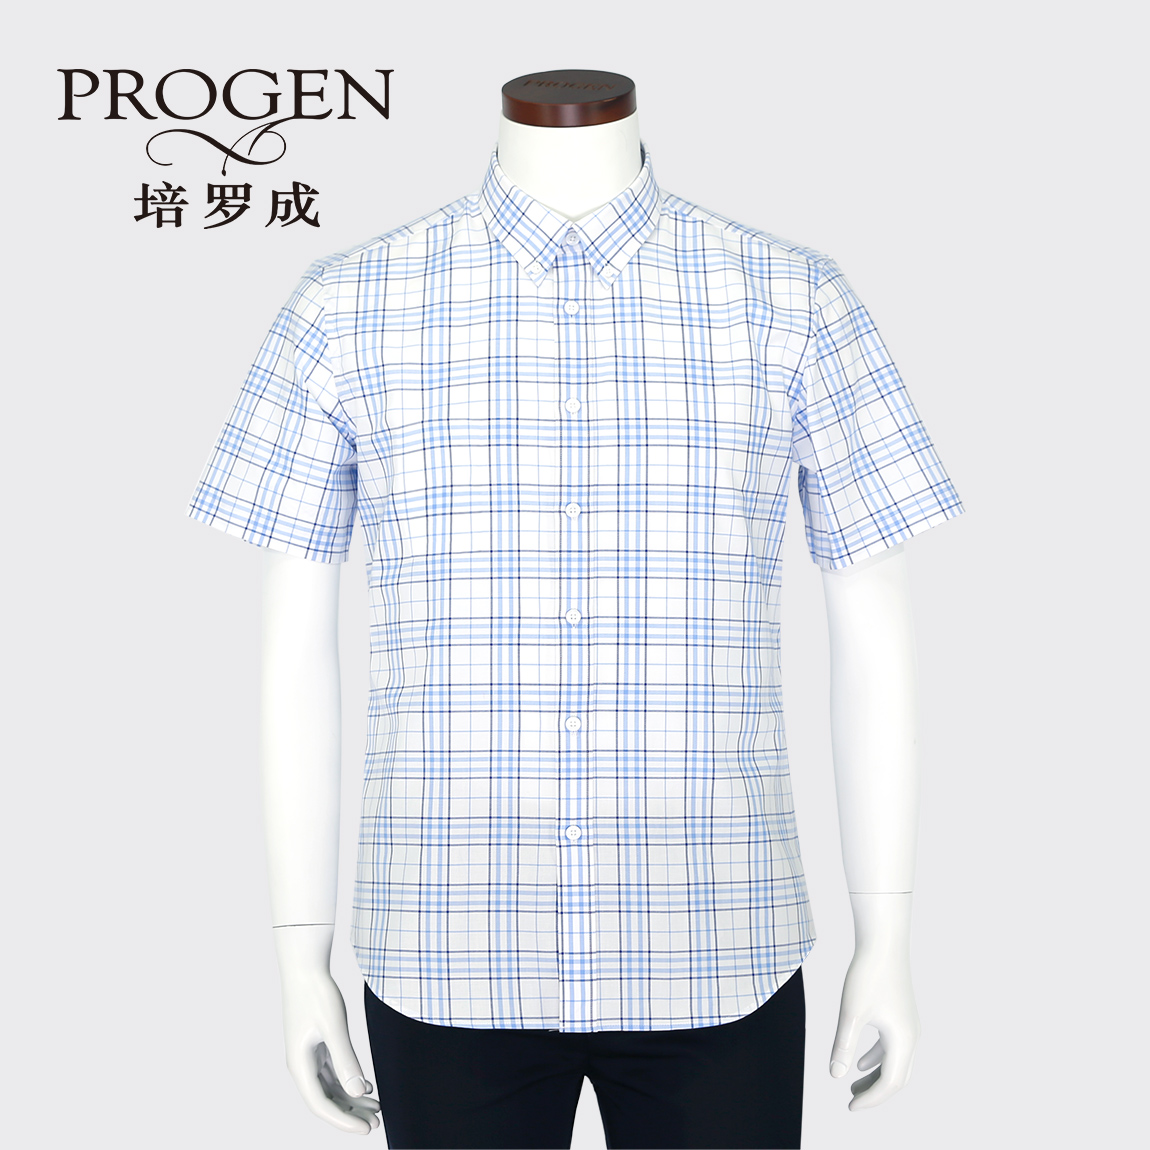 Progen培罗成夏季男新品包邮商务休闲全棉格子短袖衬衫ZPC2YH639